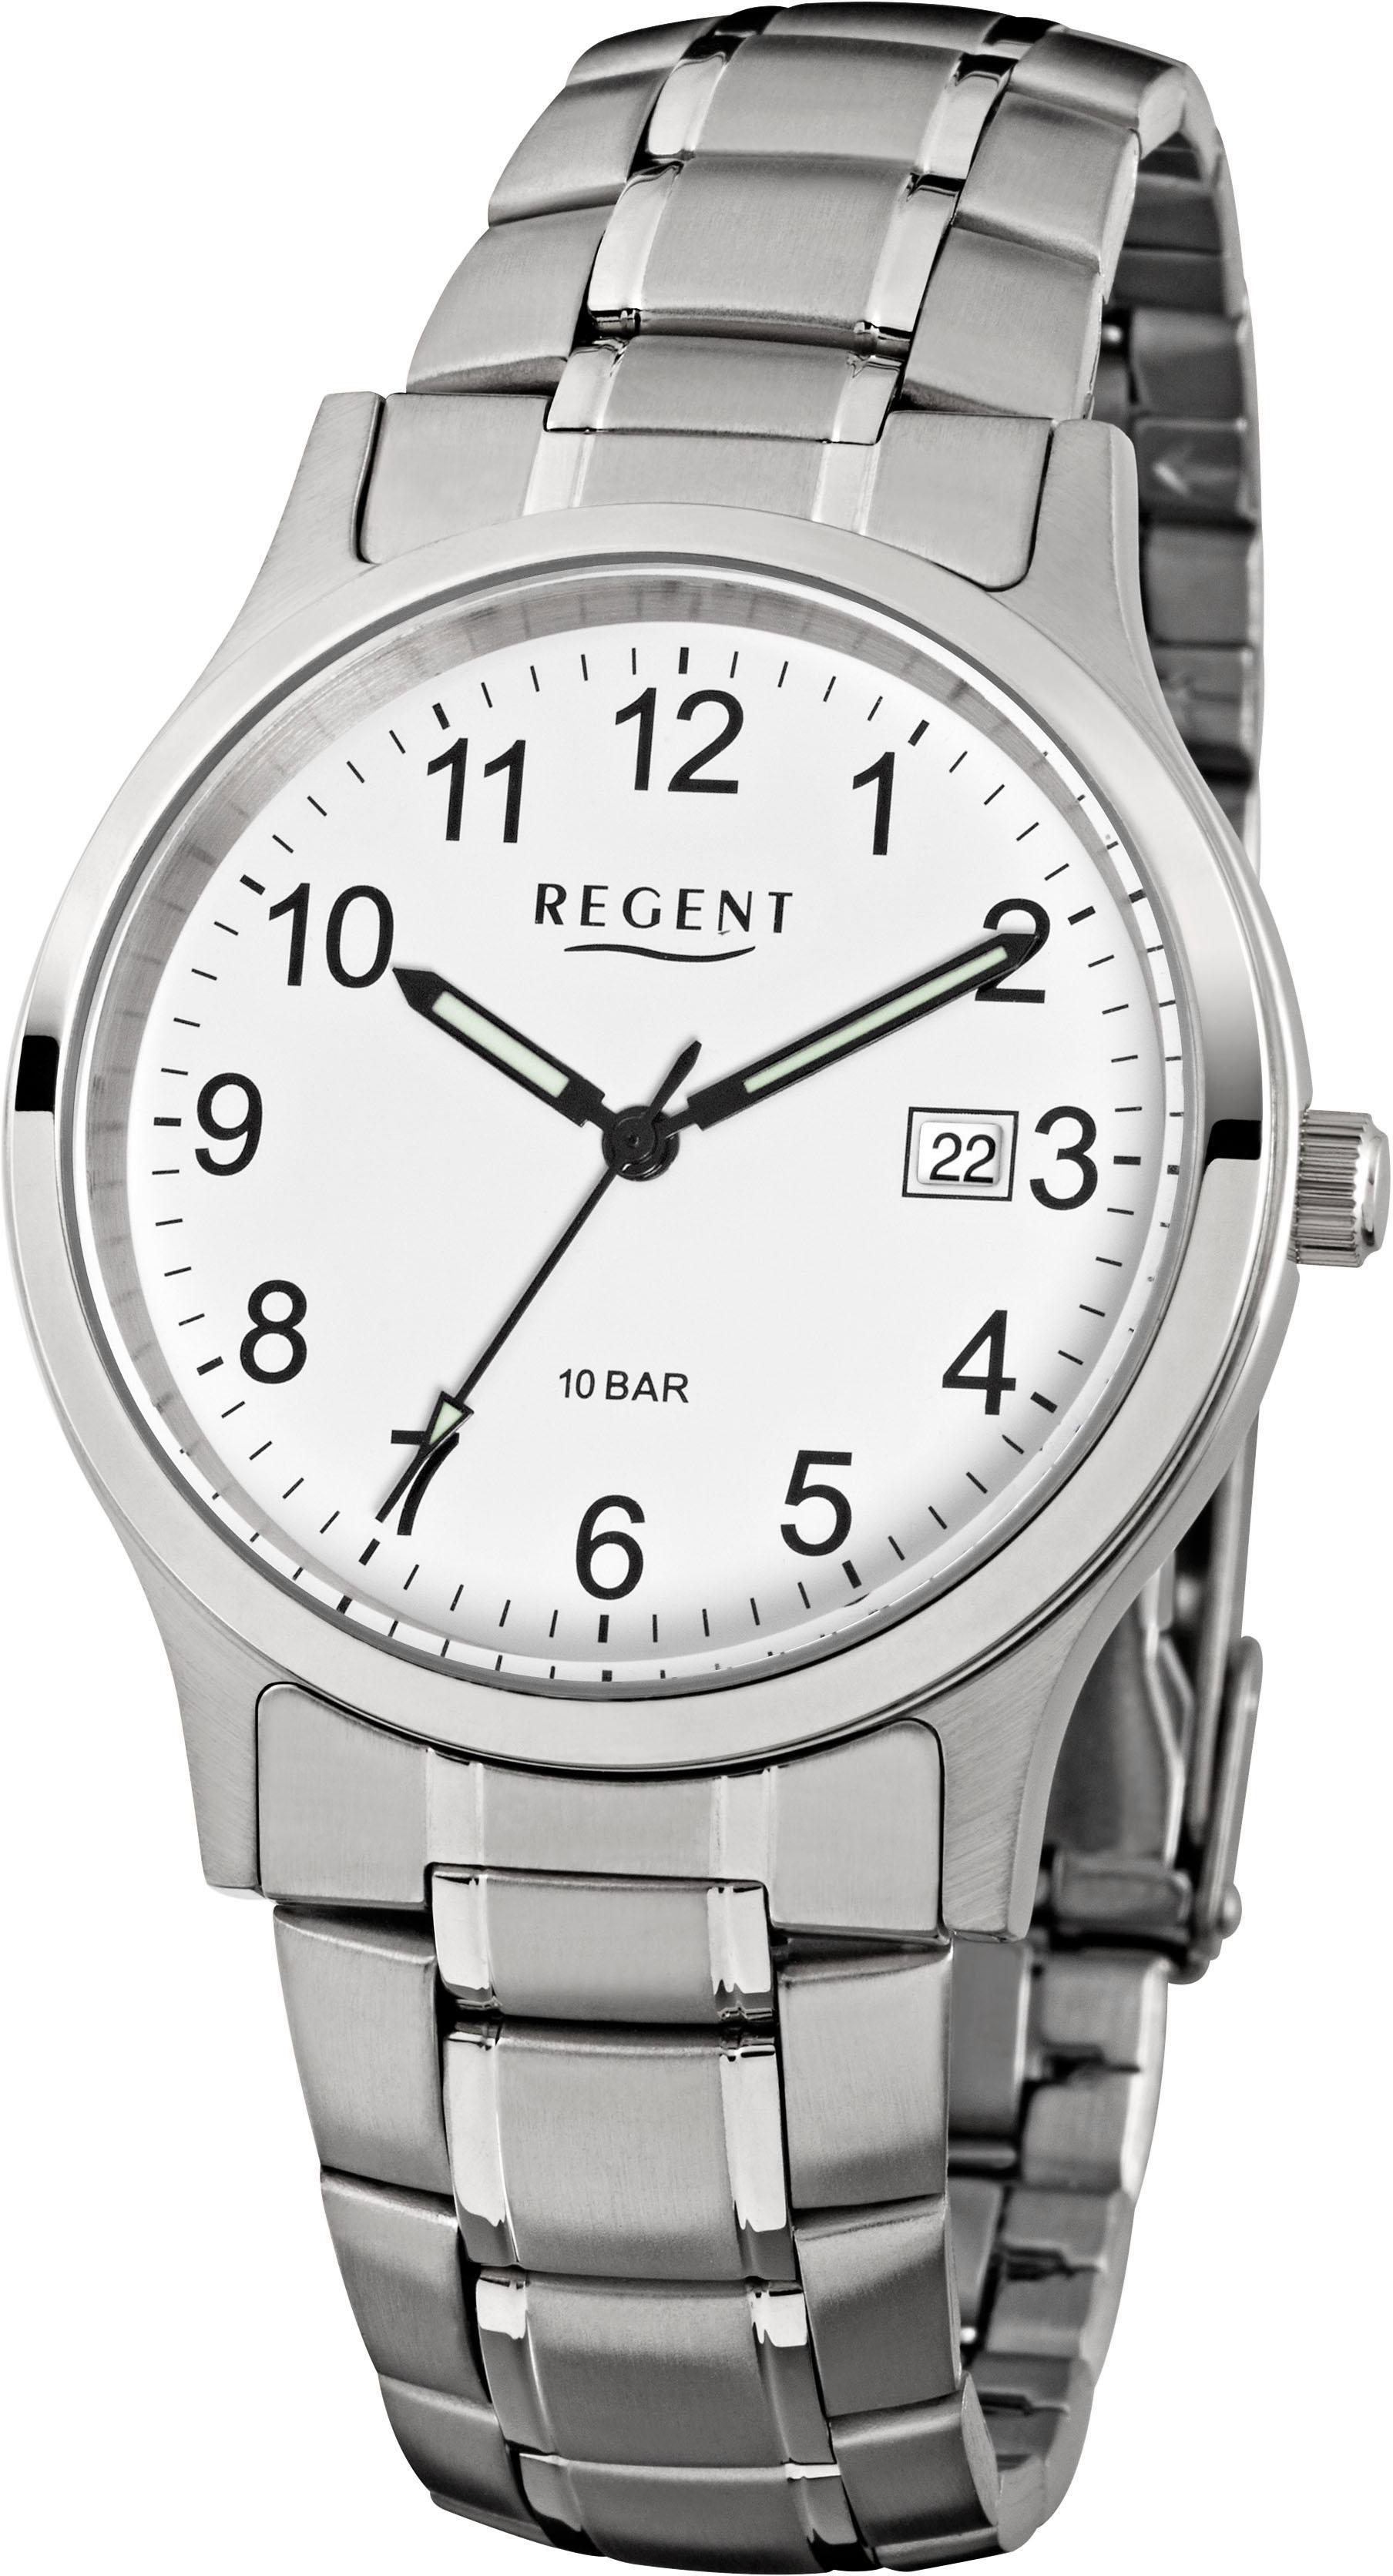 Regent Quarzuhr 16704299 F775 | Uhren > Quarzuhren | Regent